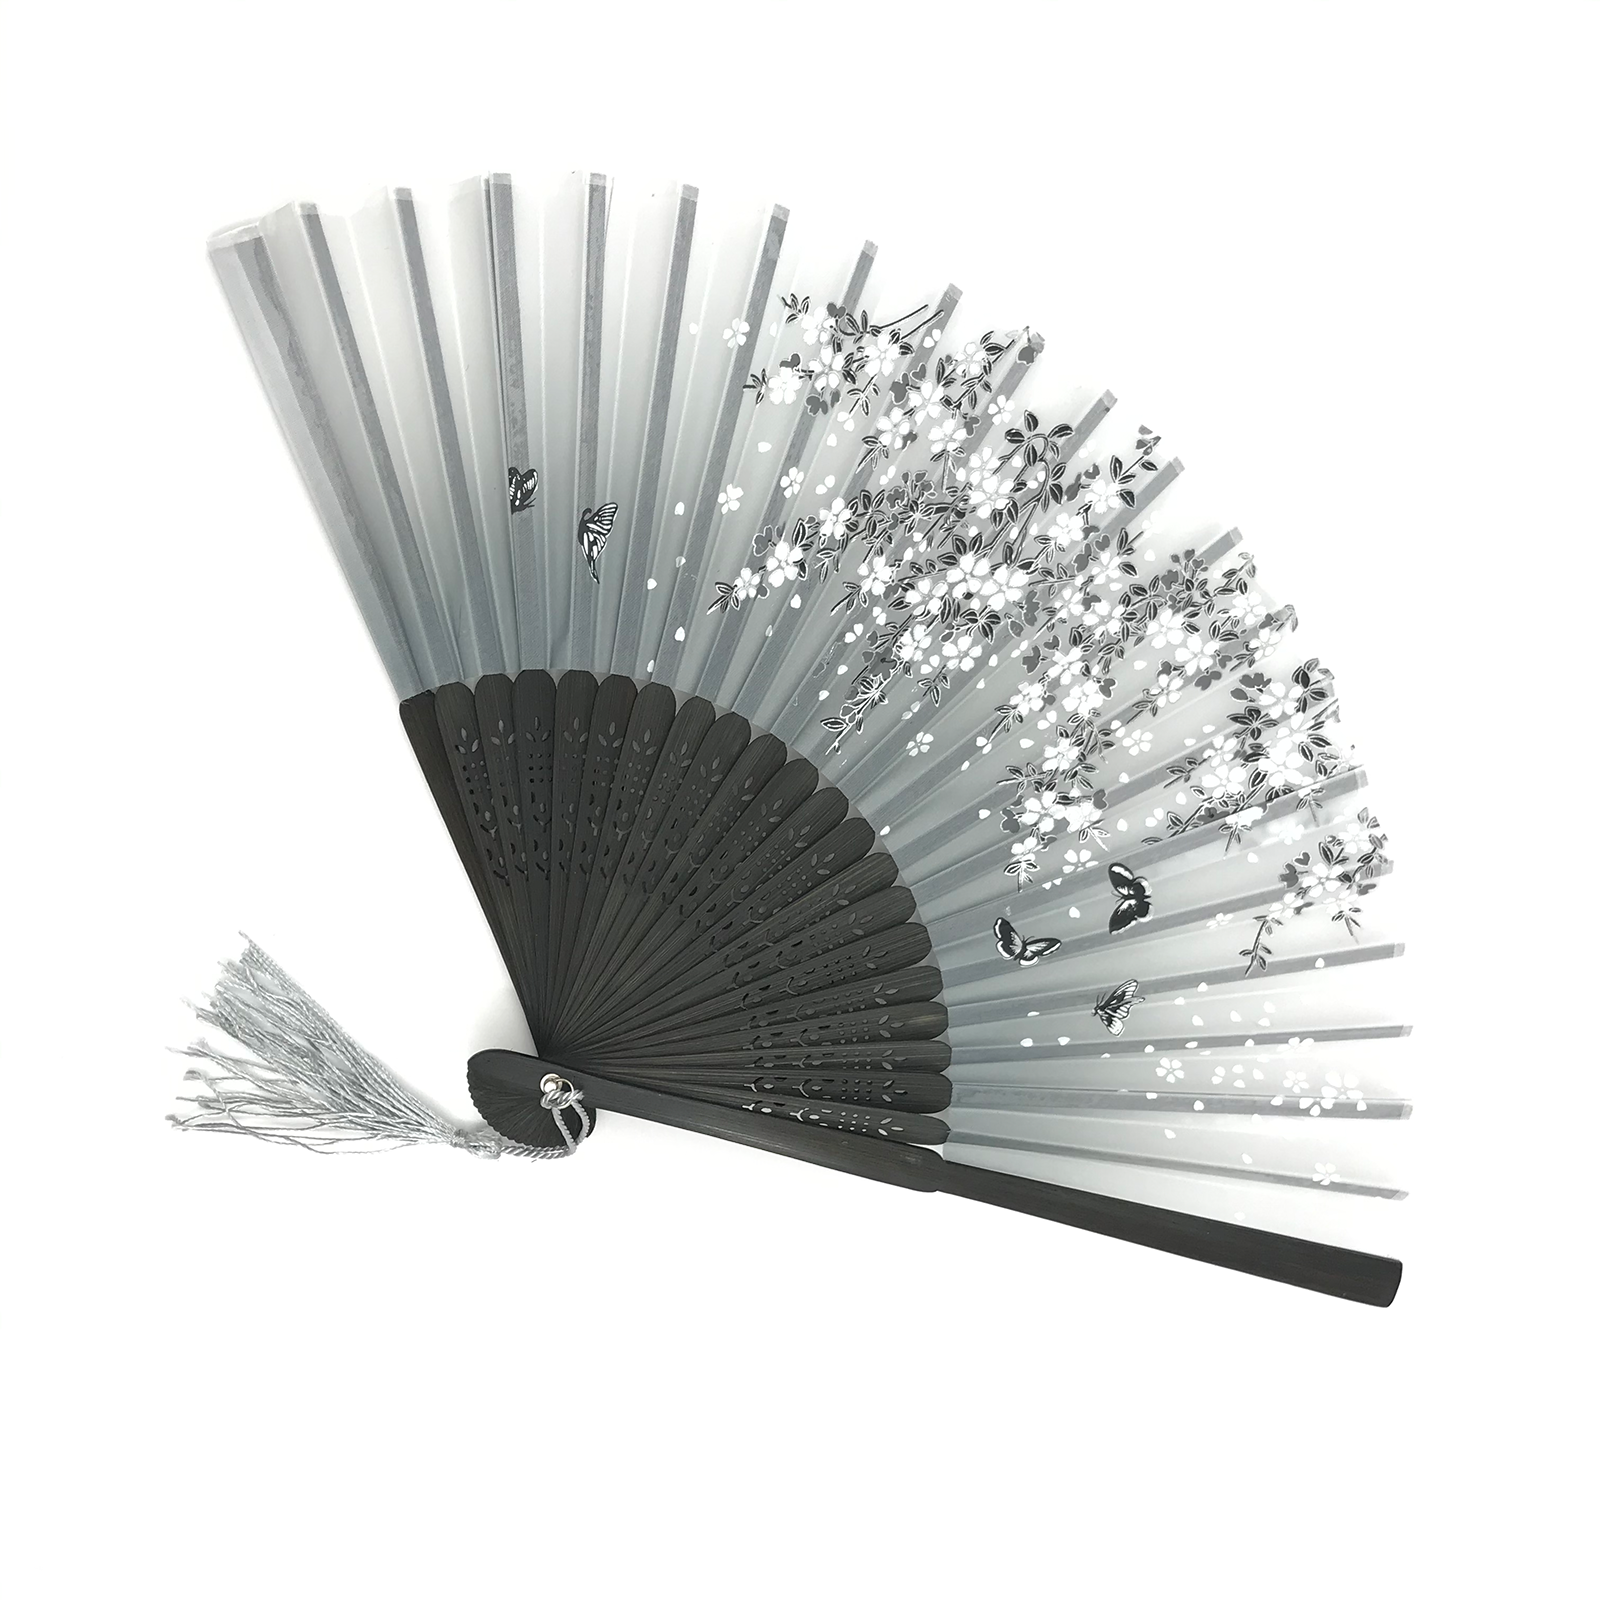 Ventilador plegable de estilo chino para verano, ventilador plegable para cosplay hecho a mano, ventilador chino, ventilador negro de madera|Abanicos decorativos|   - AliExpress